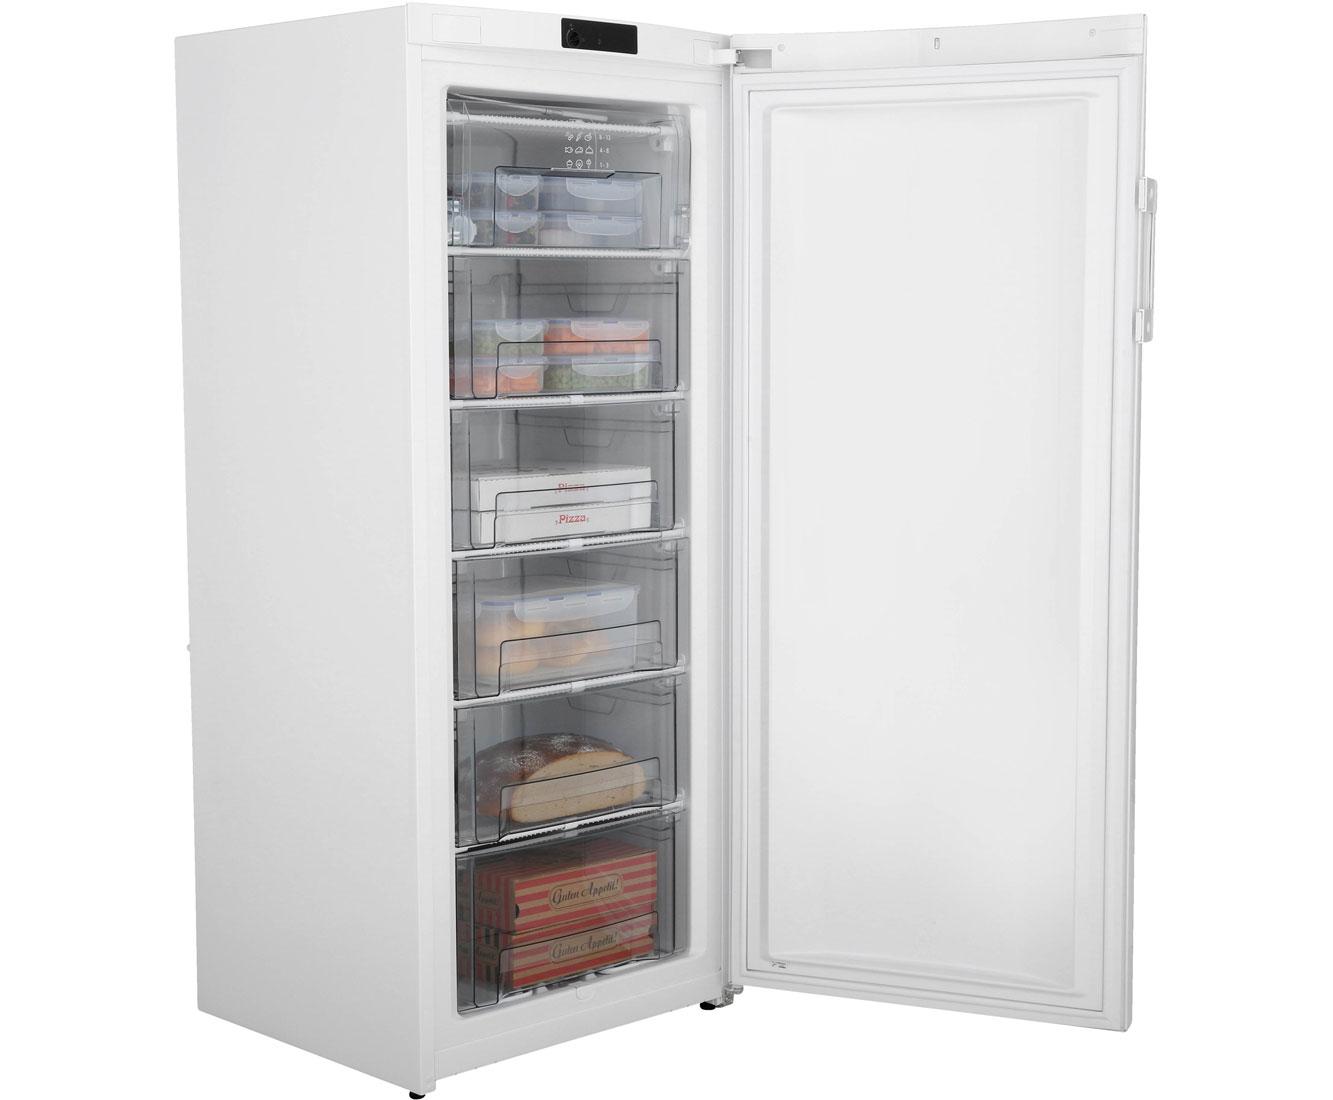 Amerikanischer Kühlschrank Geringe Tiefe : Kühlschrank freistehend geringe tiefe gorenje f aw